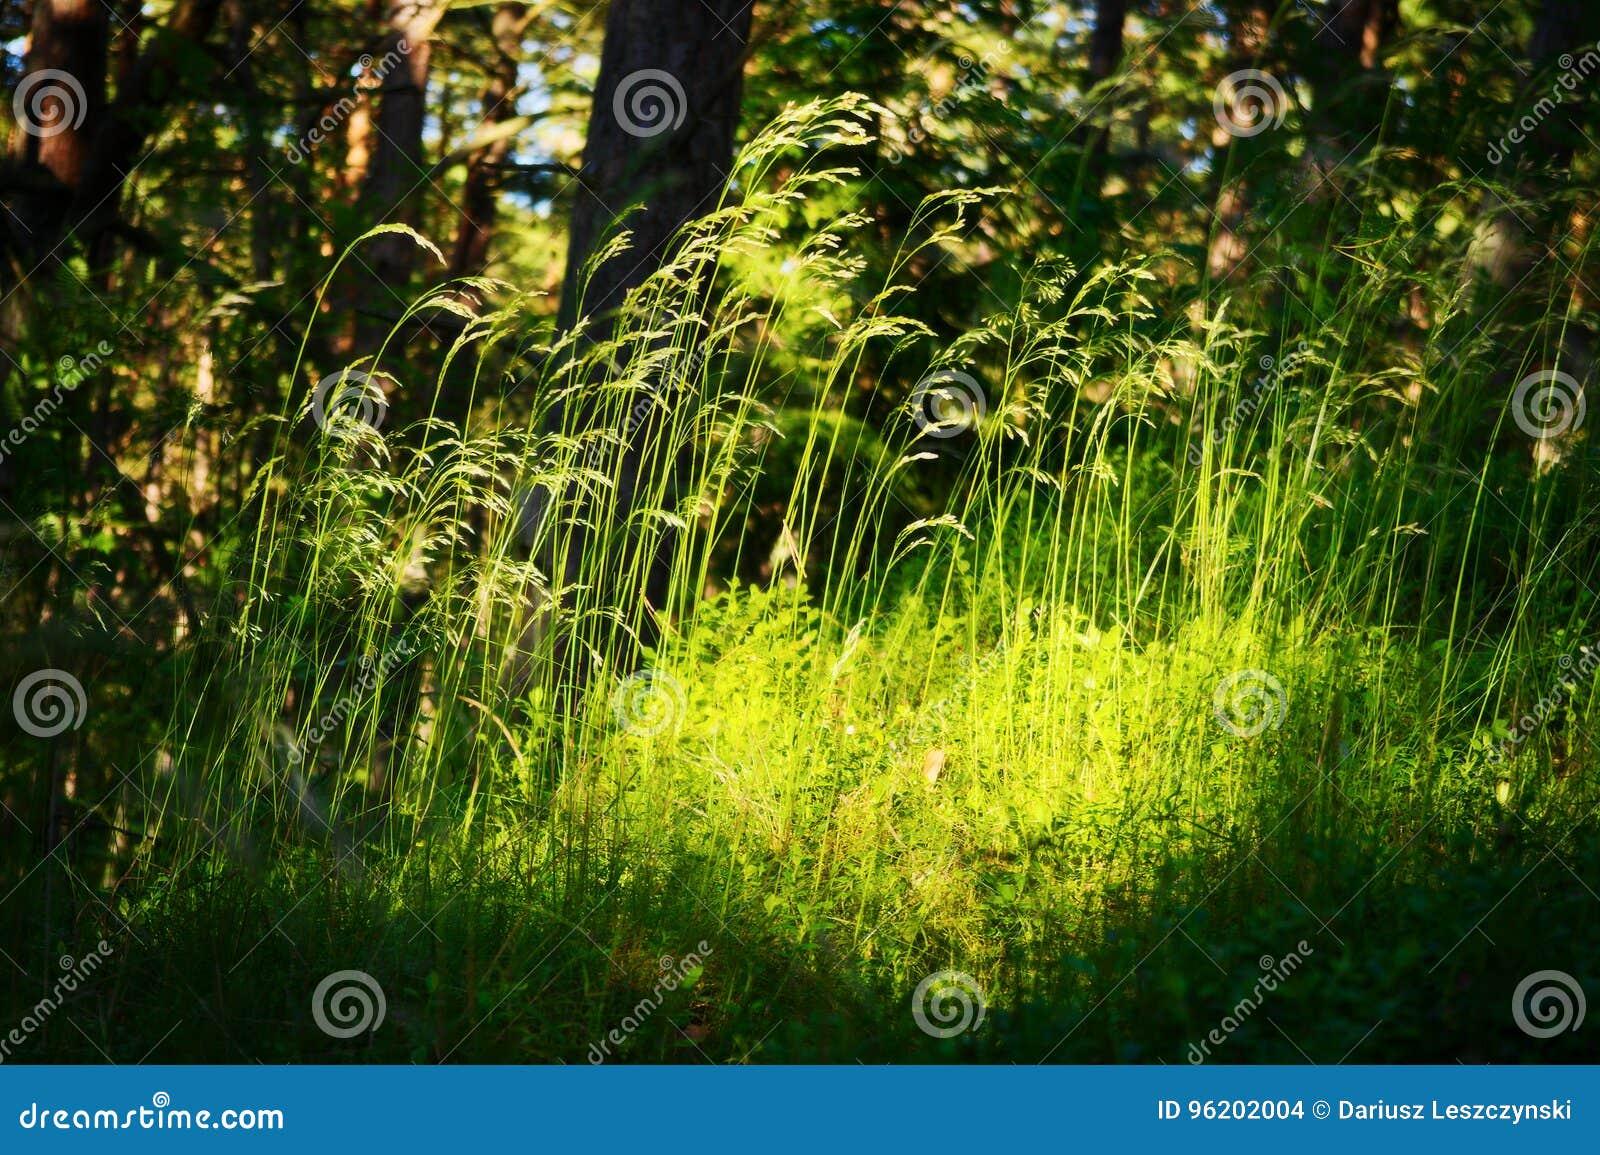 森林下木植被 放牧在森林沼地的生长在草本层数understory或草丛